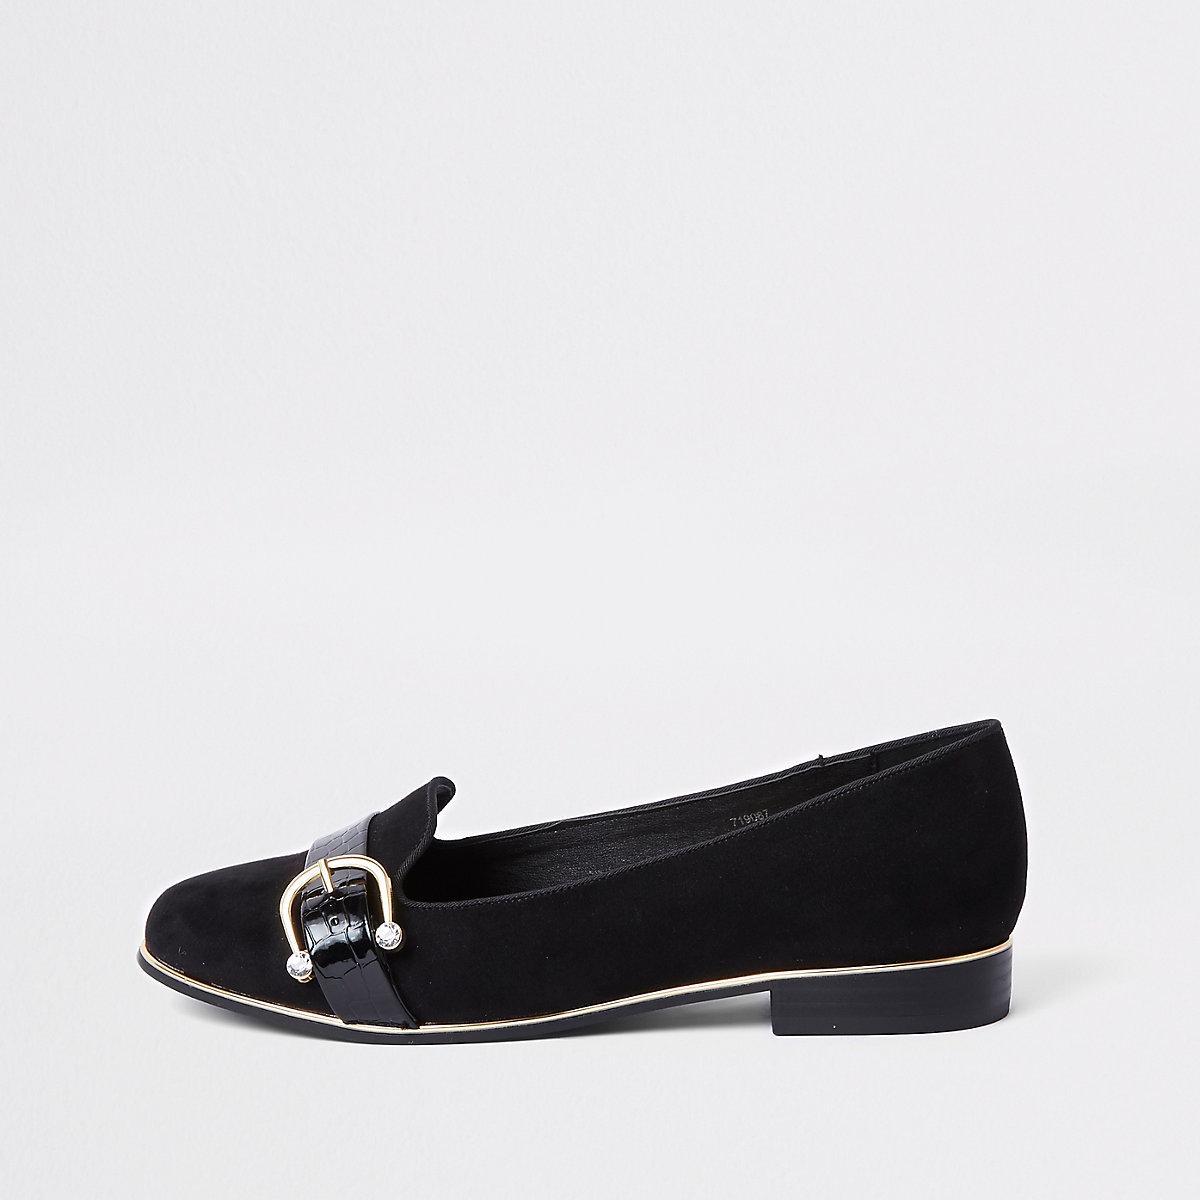 Black wide fit rhinestone buckle ballet shoe